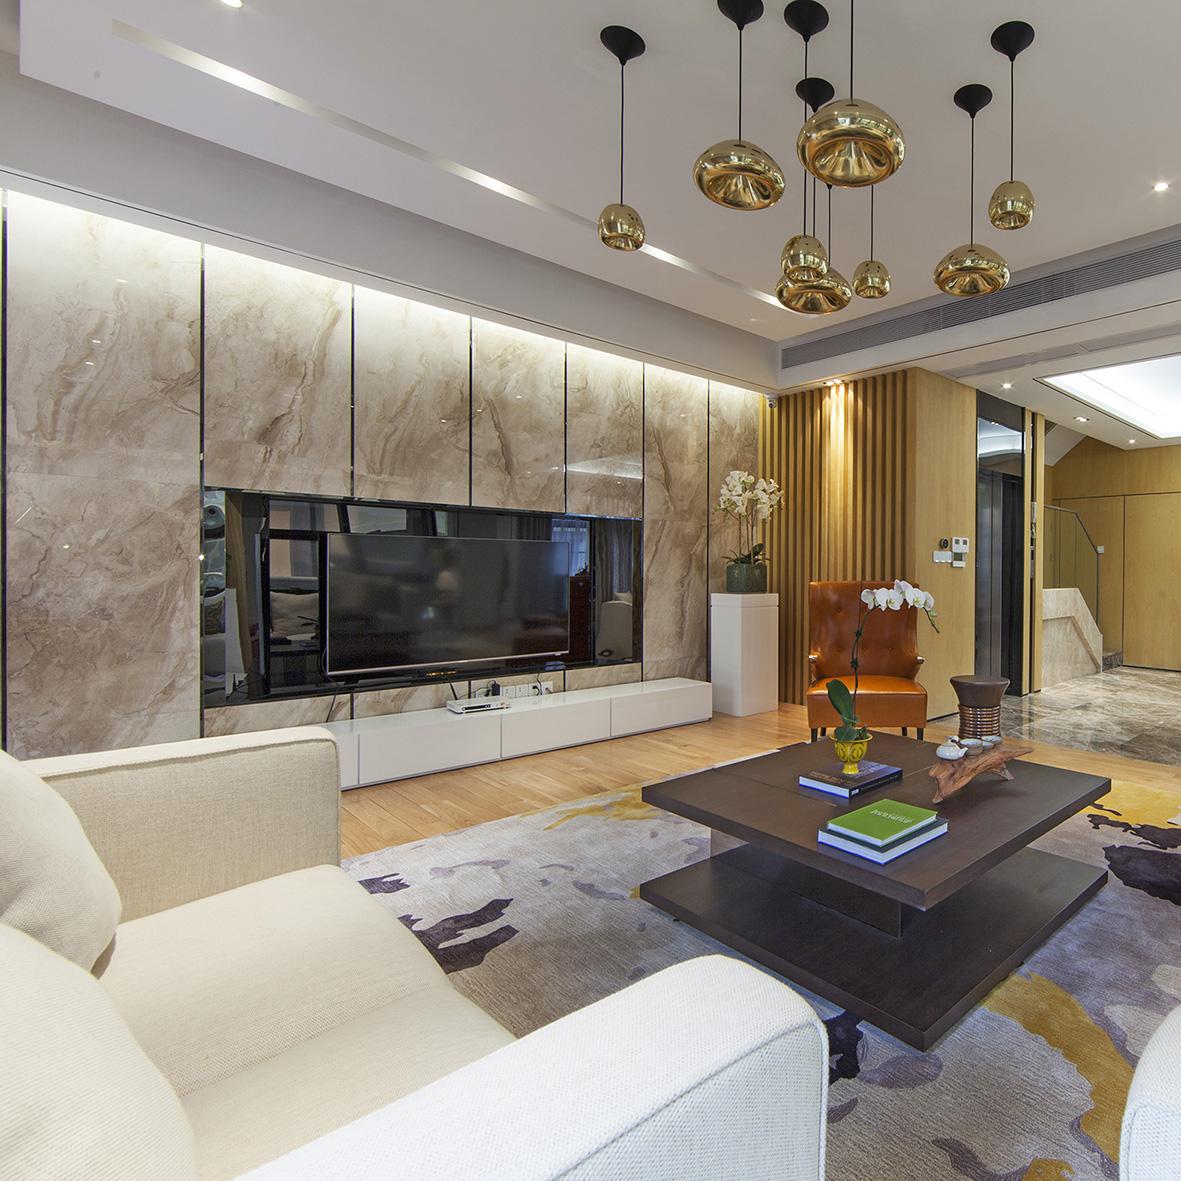 别墅 别墅装修 别墅设计 紫玉山庄 现代风格 客厅图片来自北京高度国际在时尚不简单,紫玉山庄现代风格的分享